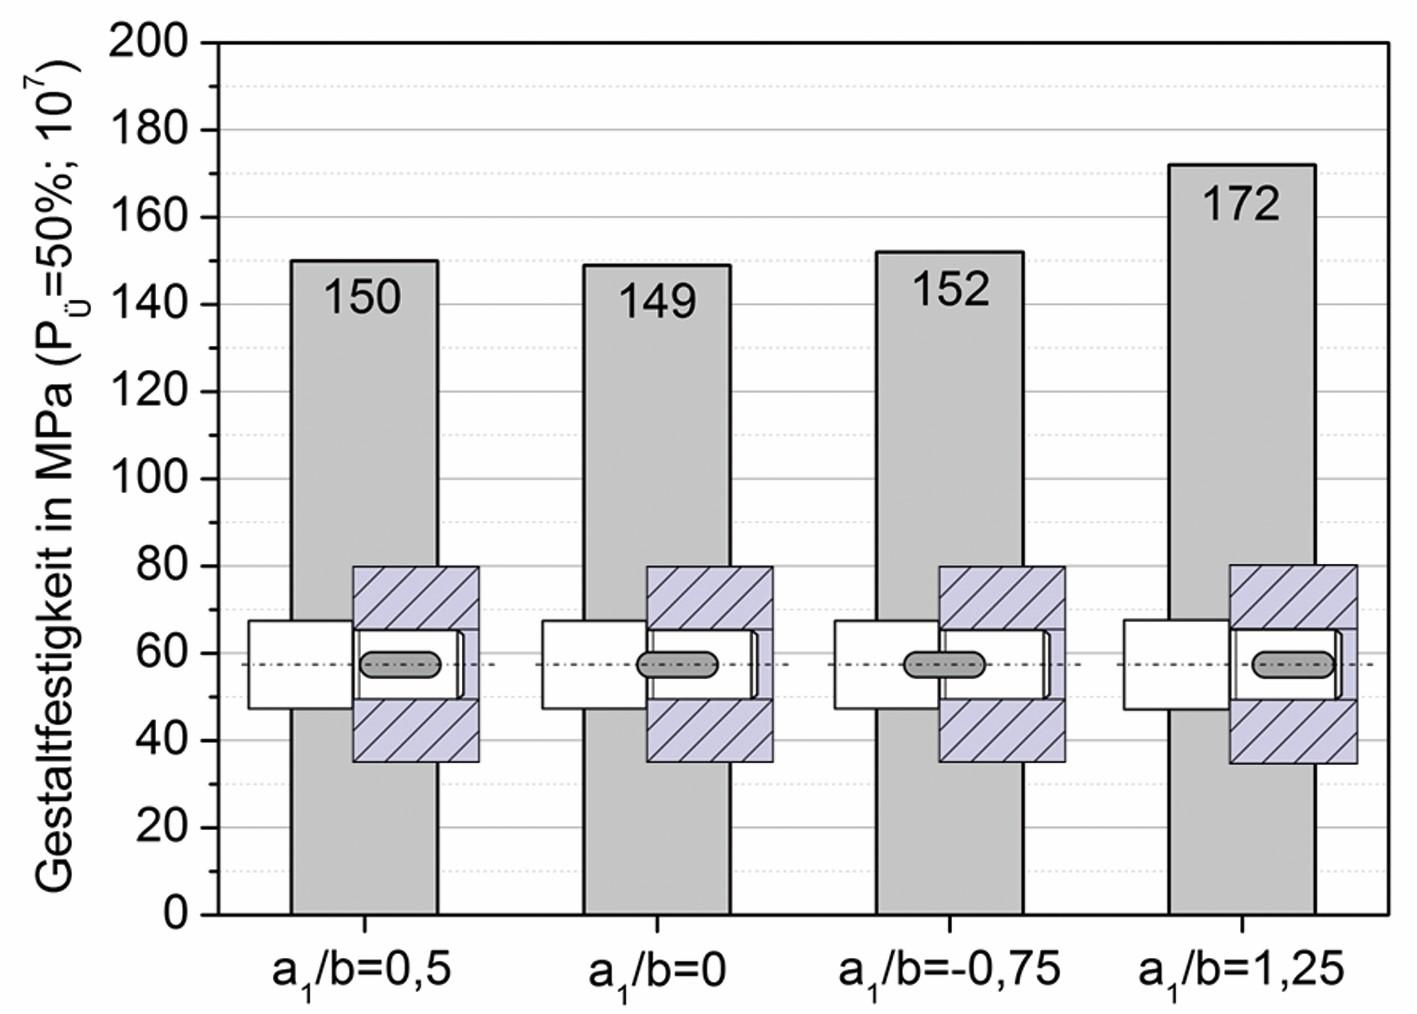 Bild 9 Gestaltfestigkeit der PFV mit abgesetzter Welle und unterschiedlicher Nutlage; 18CrNiMo7–6 gasaufgekohlt (Härterei 1); xNenn=0,5‰; tm/sba=0,5. Bild: Verfasser